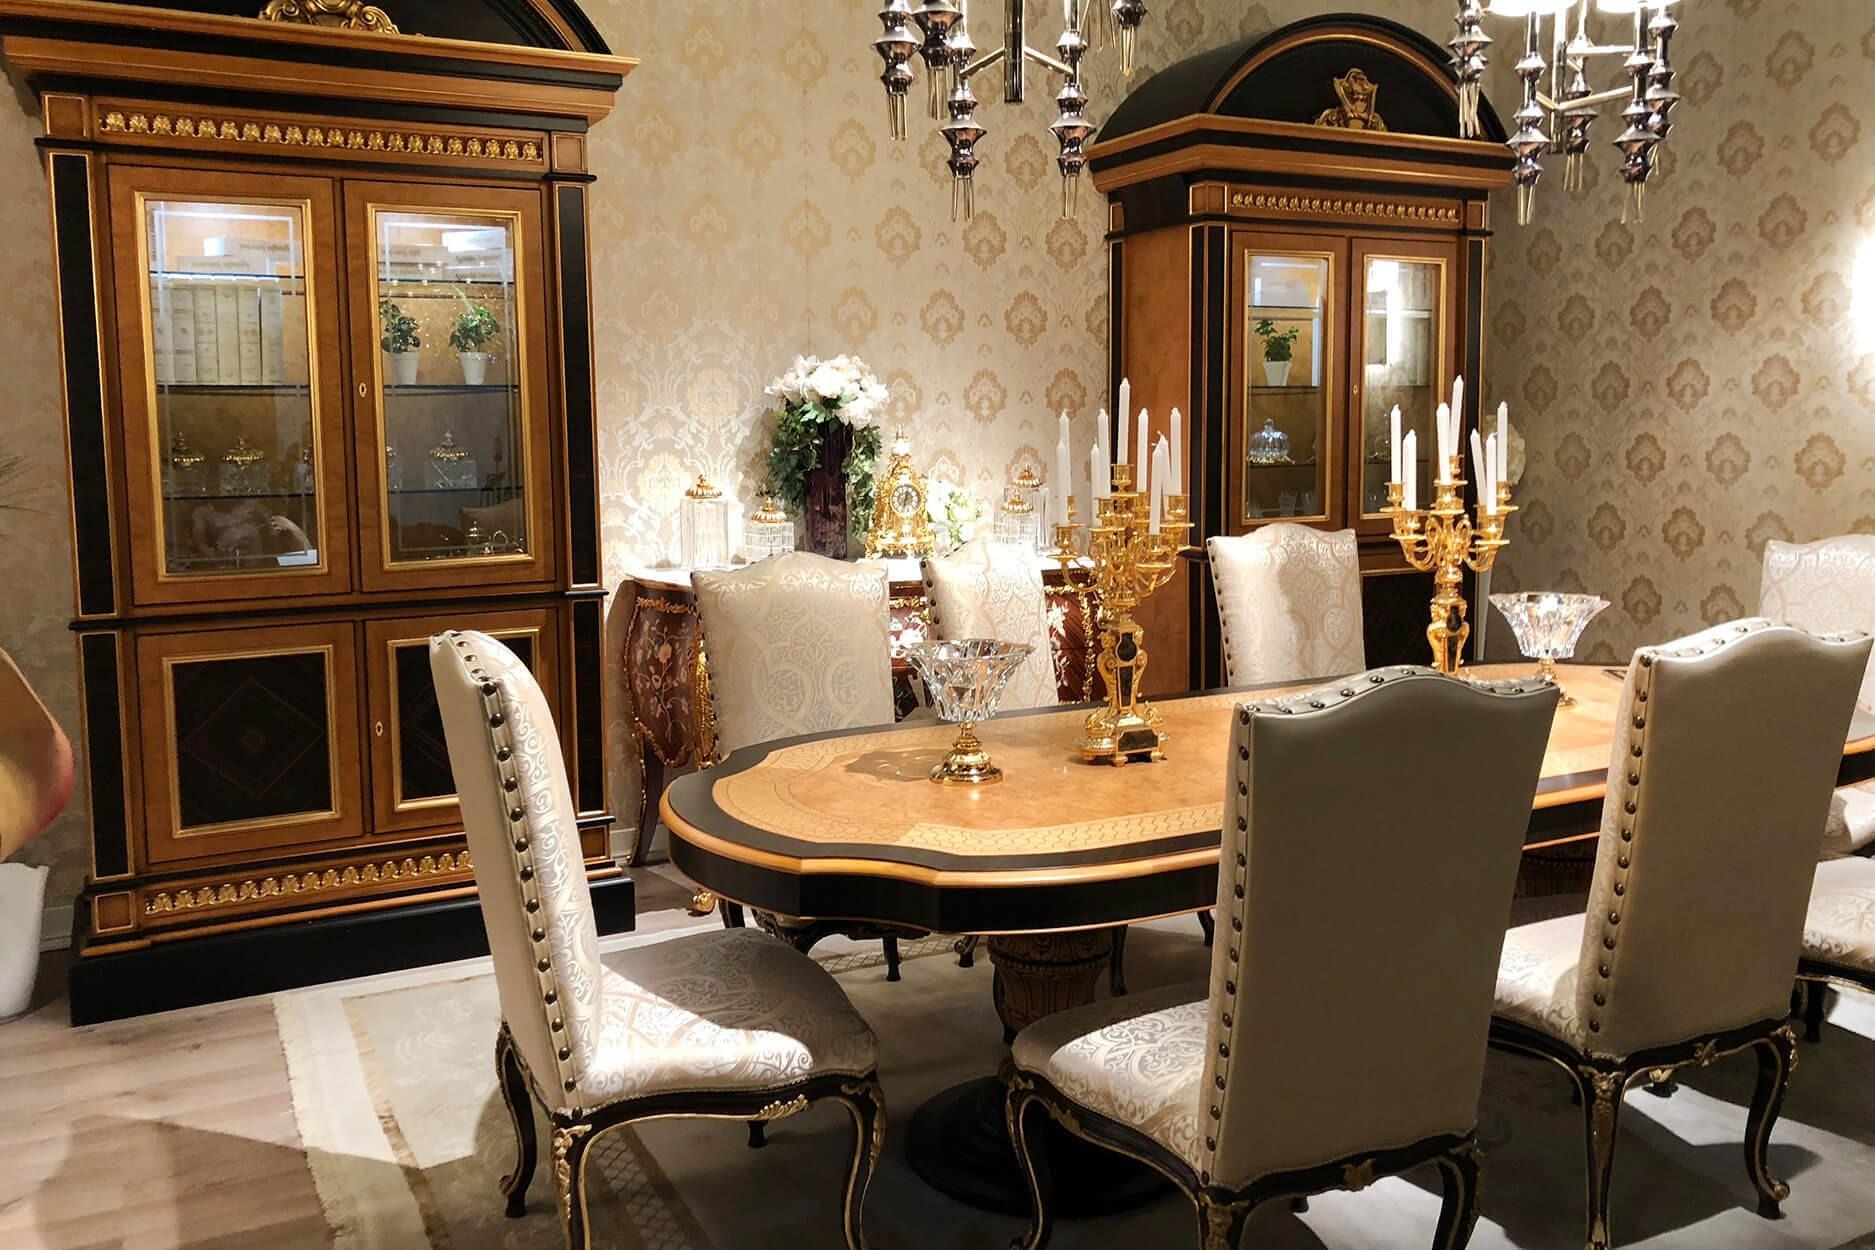 Phong cách thiết kế nội thất chung cư tân cổ điển kết hợp giữa cổ điển và hiện đại